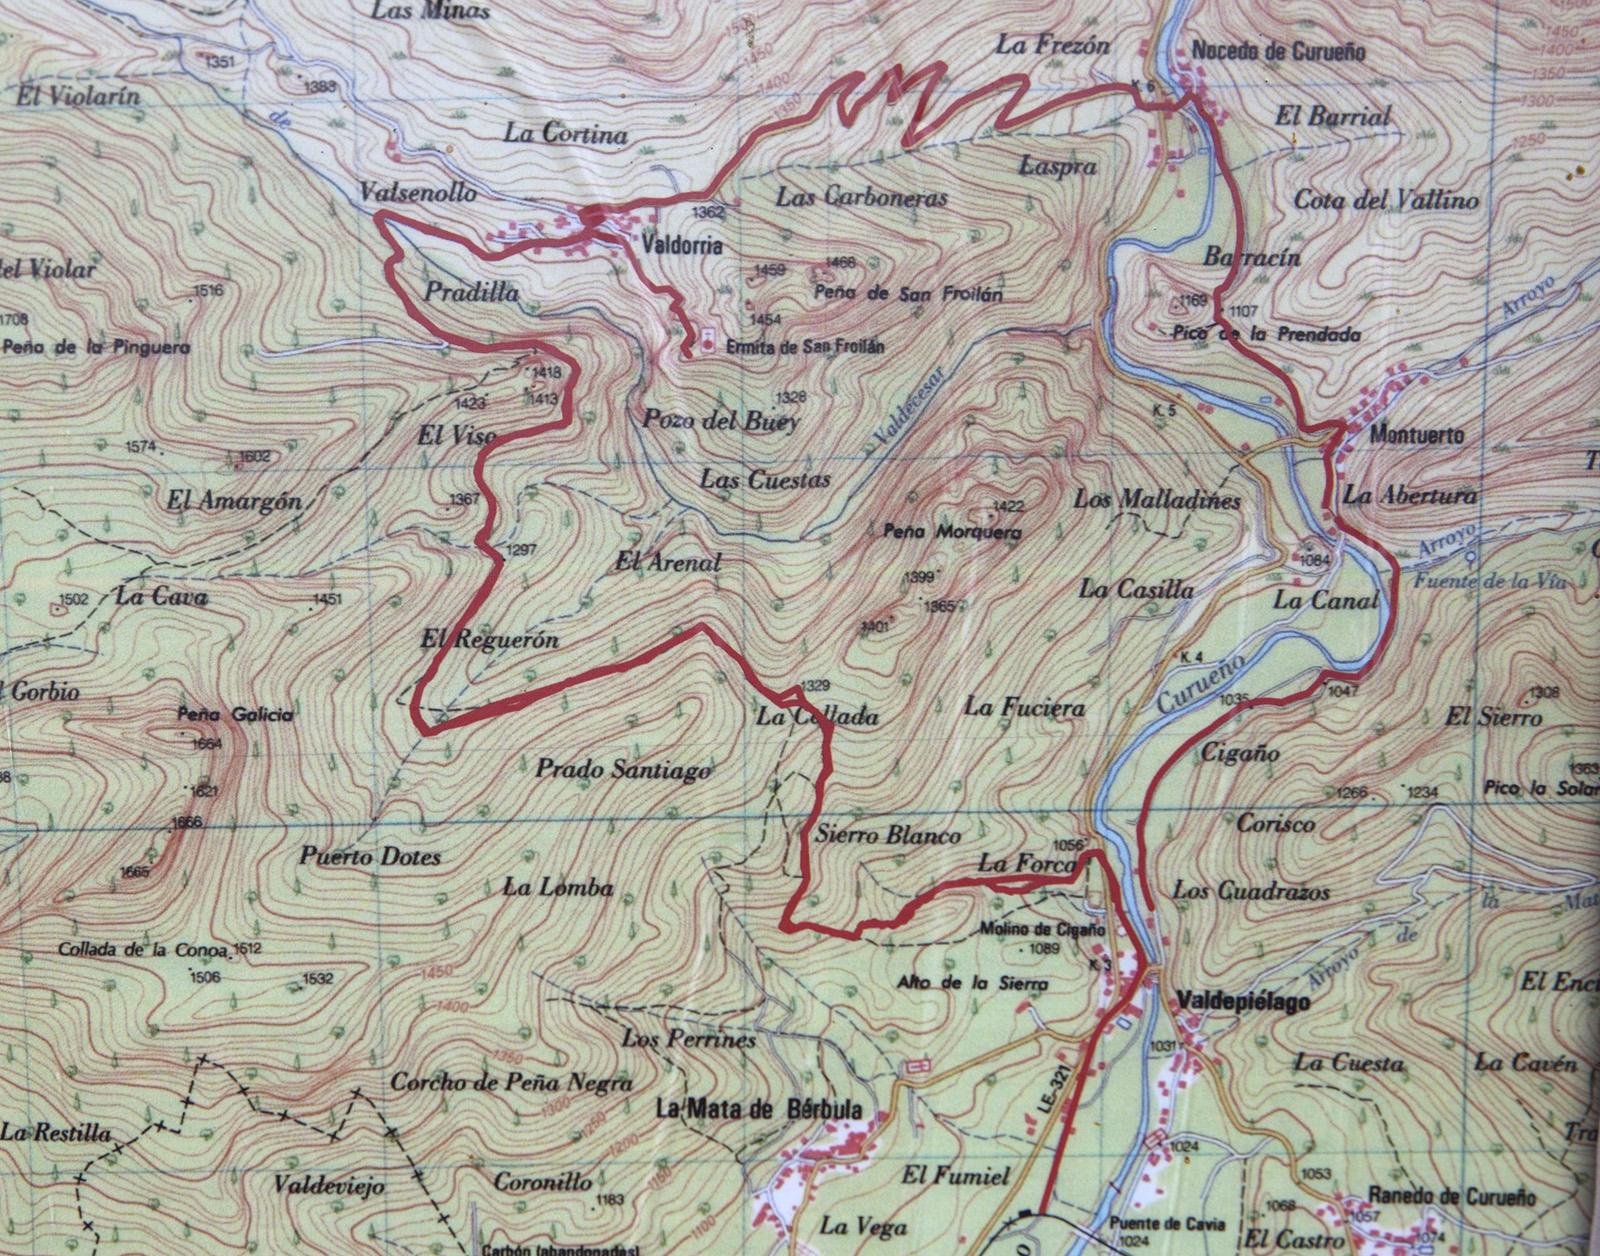 La ruta dibujada sobre un mapa topográfico en un panel informativo. Río Curueño. León. Castilla y León. España © Javier Prieto Gallego;